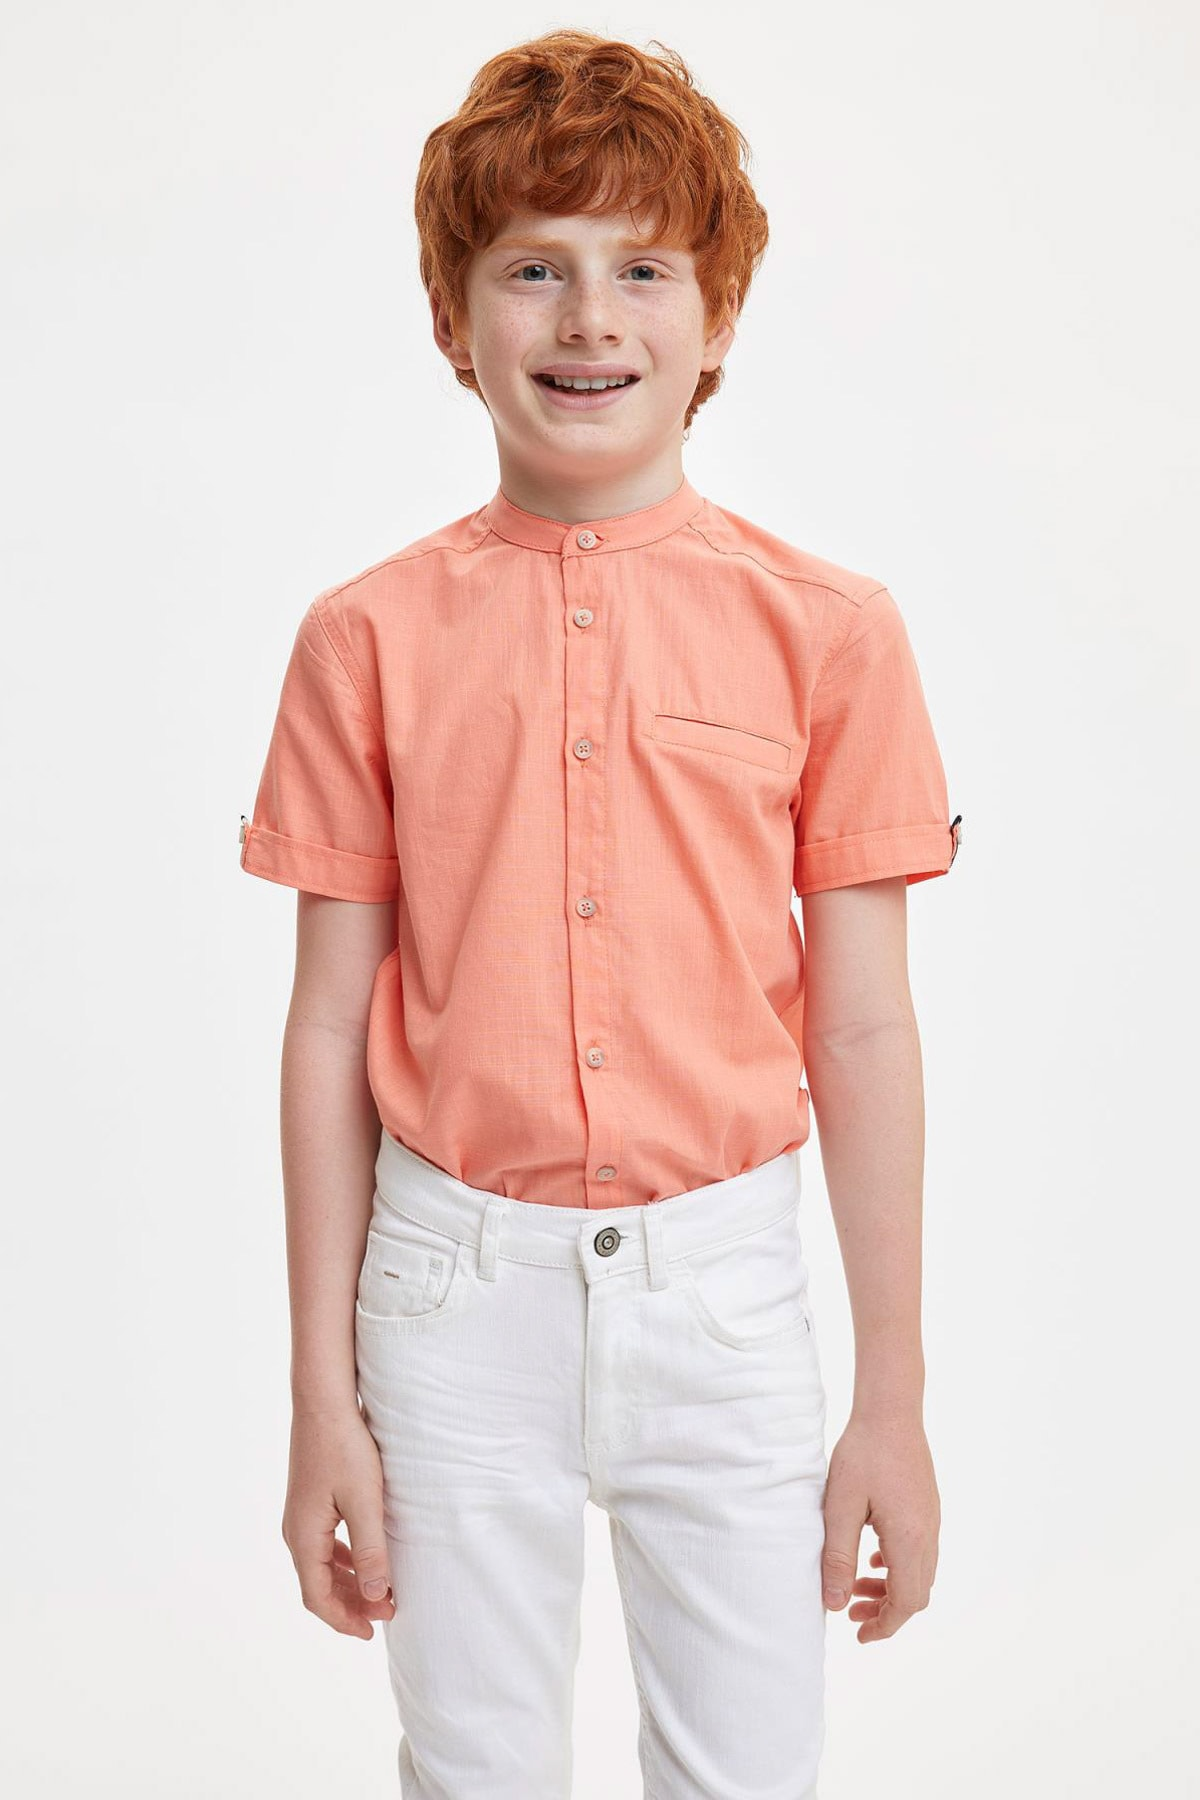 Rkek Çocuk Regular Fit Keten Görünümlü Kısa Kol Gömlek